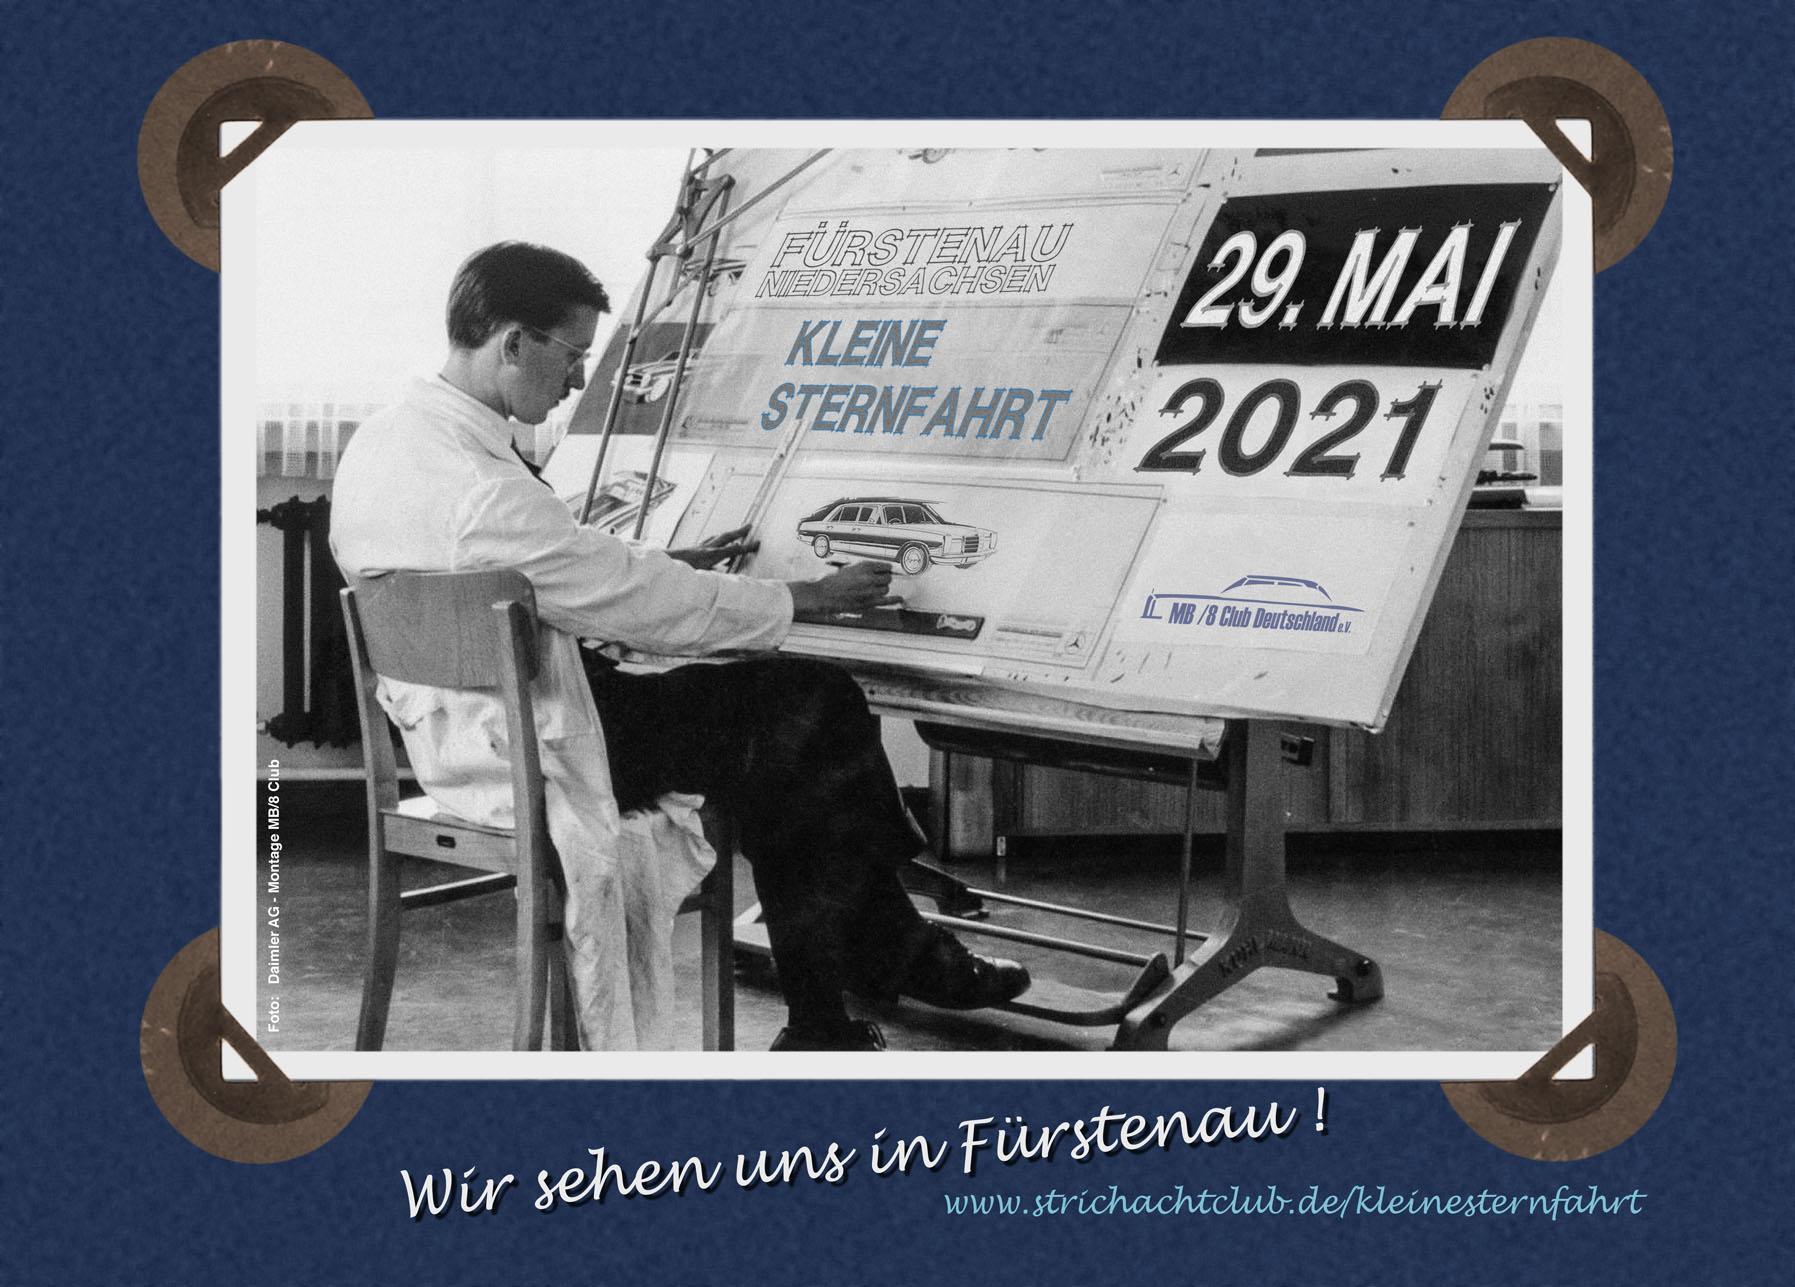 KleineSternfahrt 2021